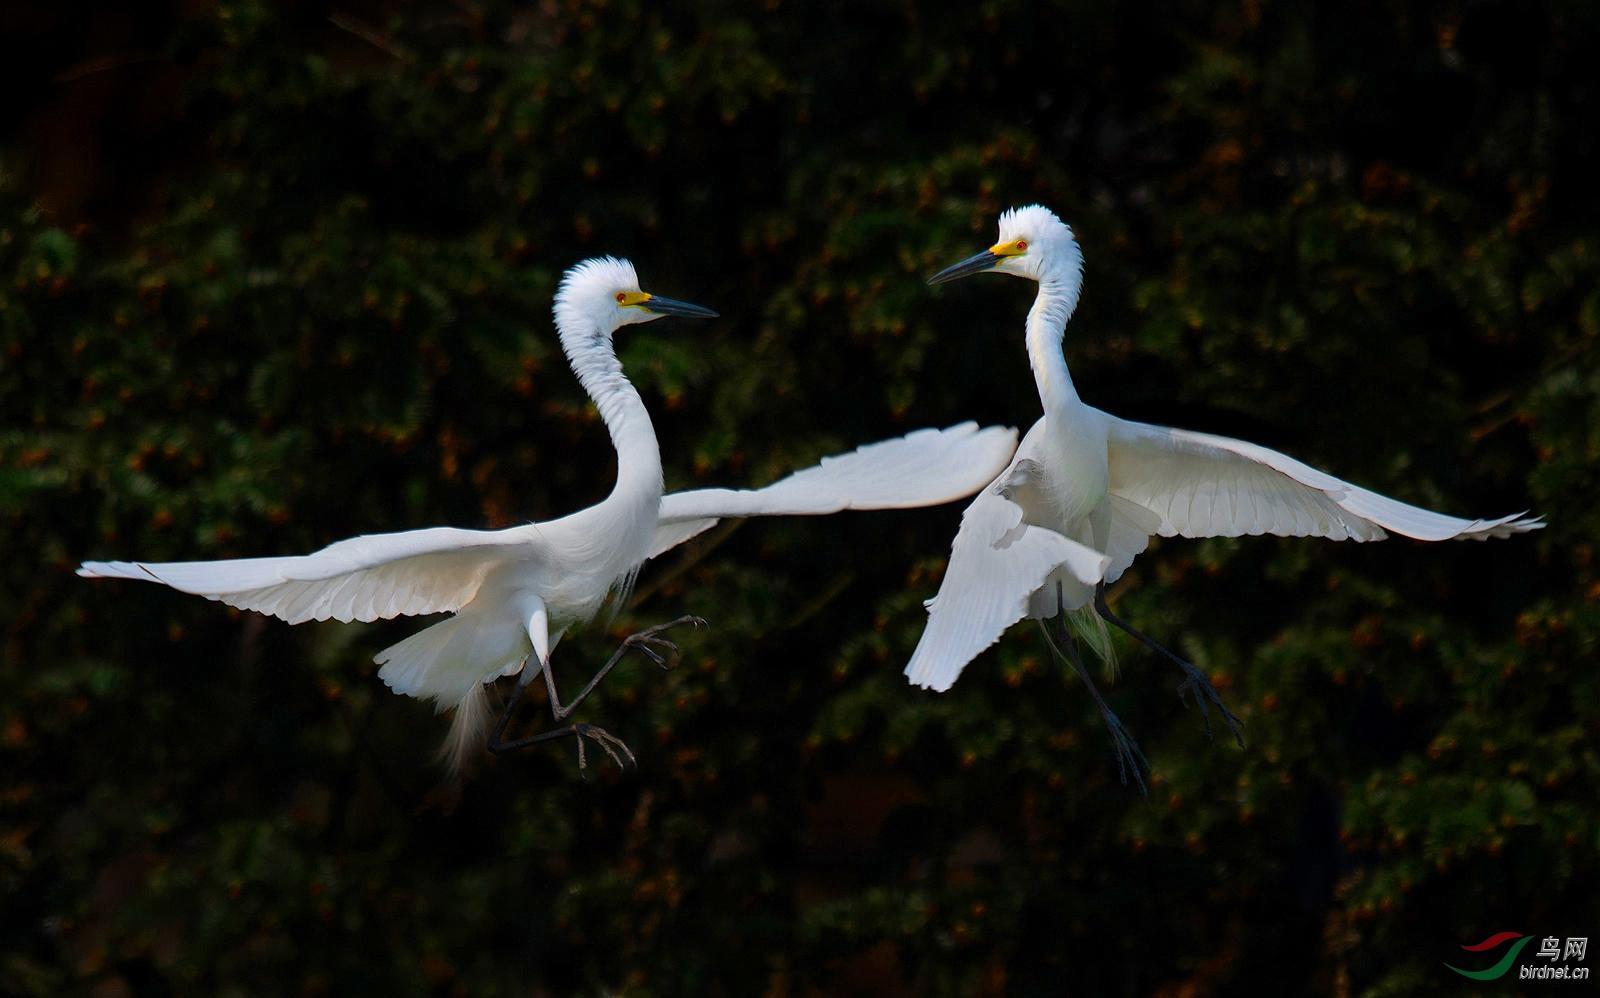 0127. 10898_一起跳舞_早起的小鸟-真实野生鸟类.jpg